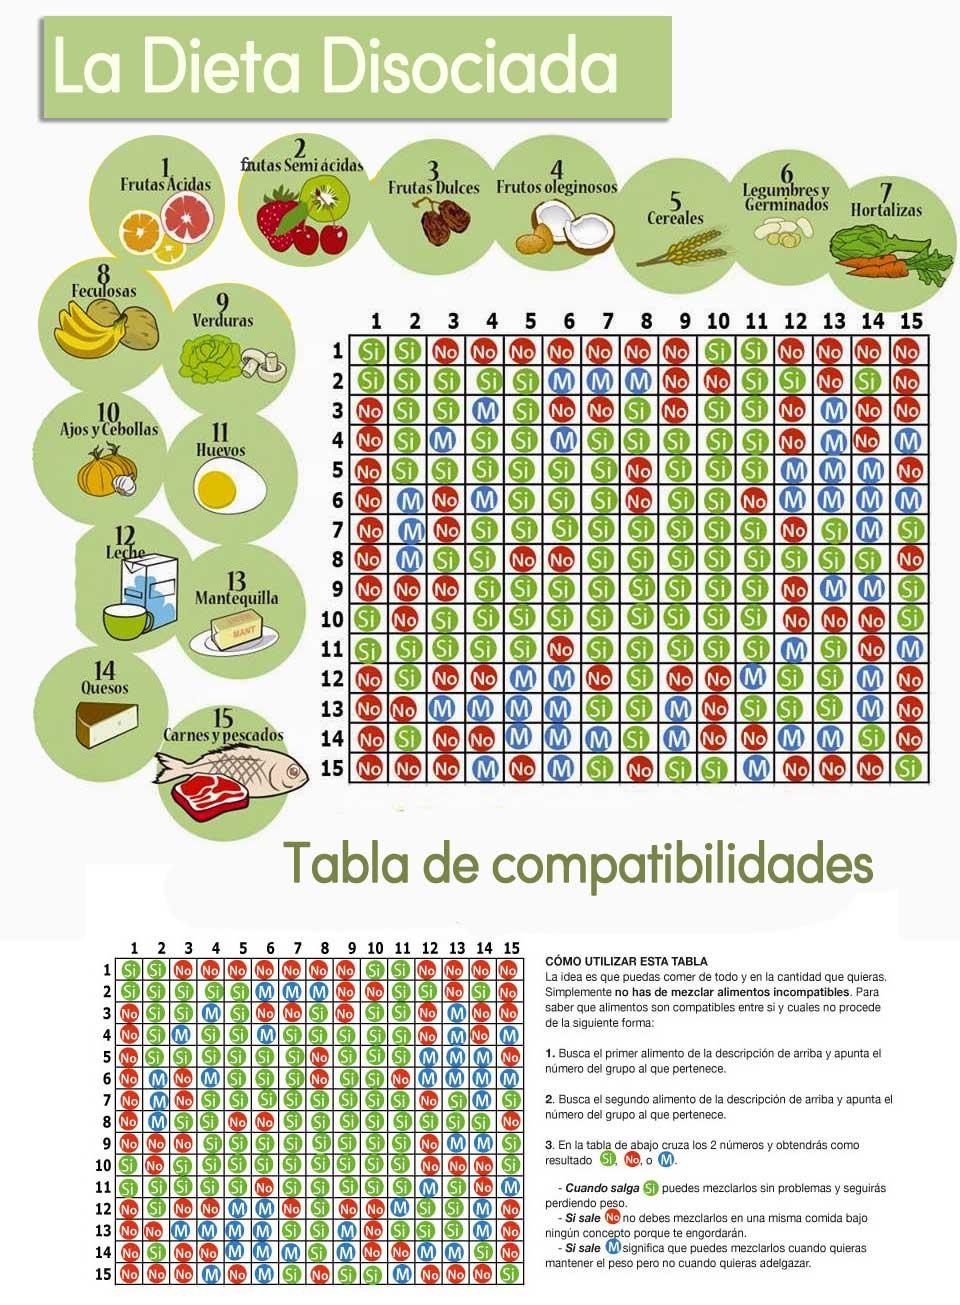 Dieta disociada tabla con gráficos de los alimentos y su compatibilidad